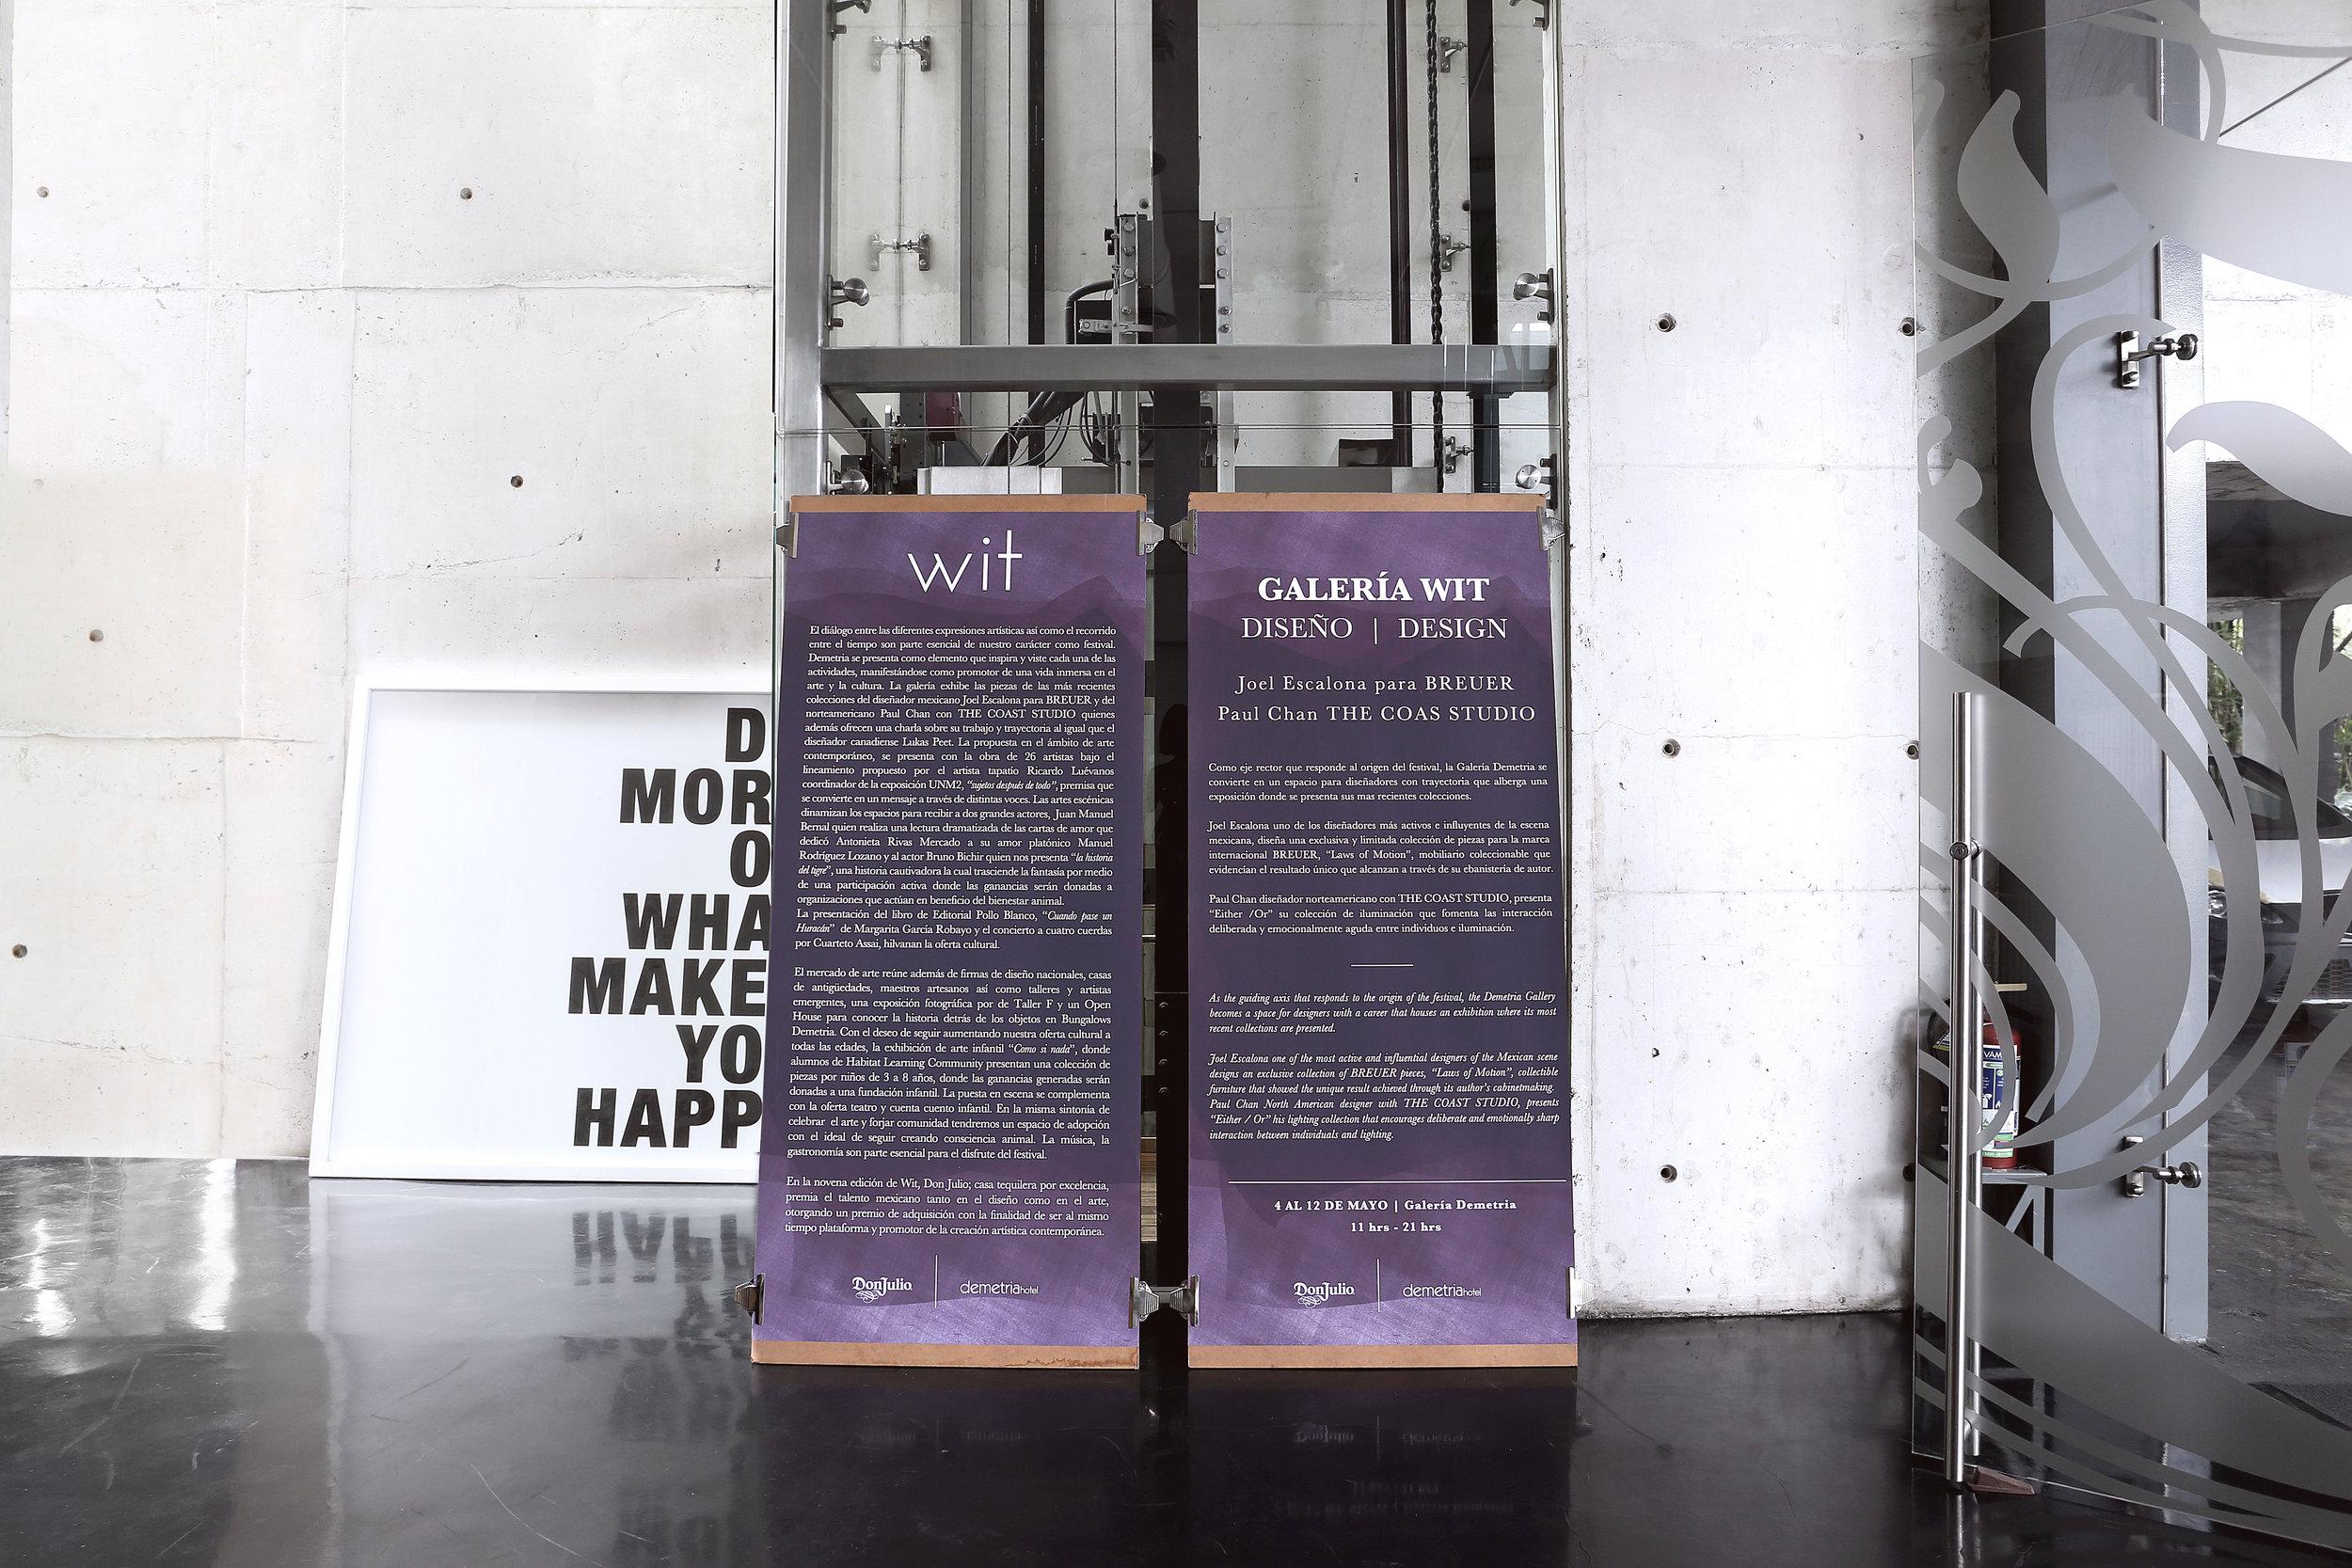 Wit festival de arte — 03.jpg